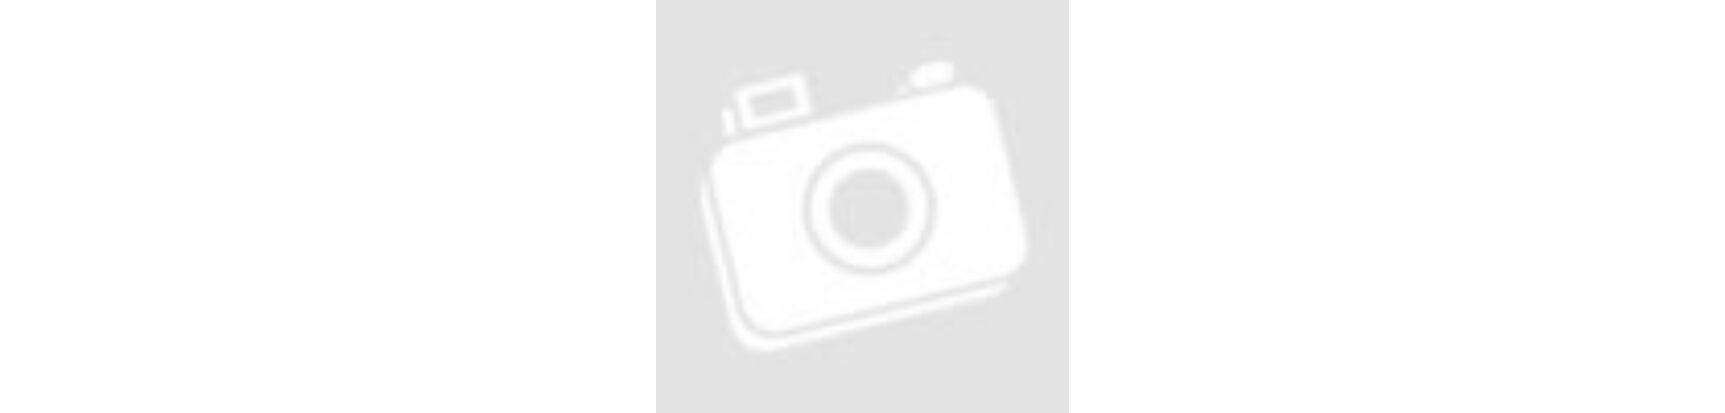 1b016baaff97 Superfit - Százlábú Gyerekcipő webáruház és budapesti bolt